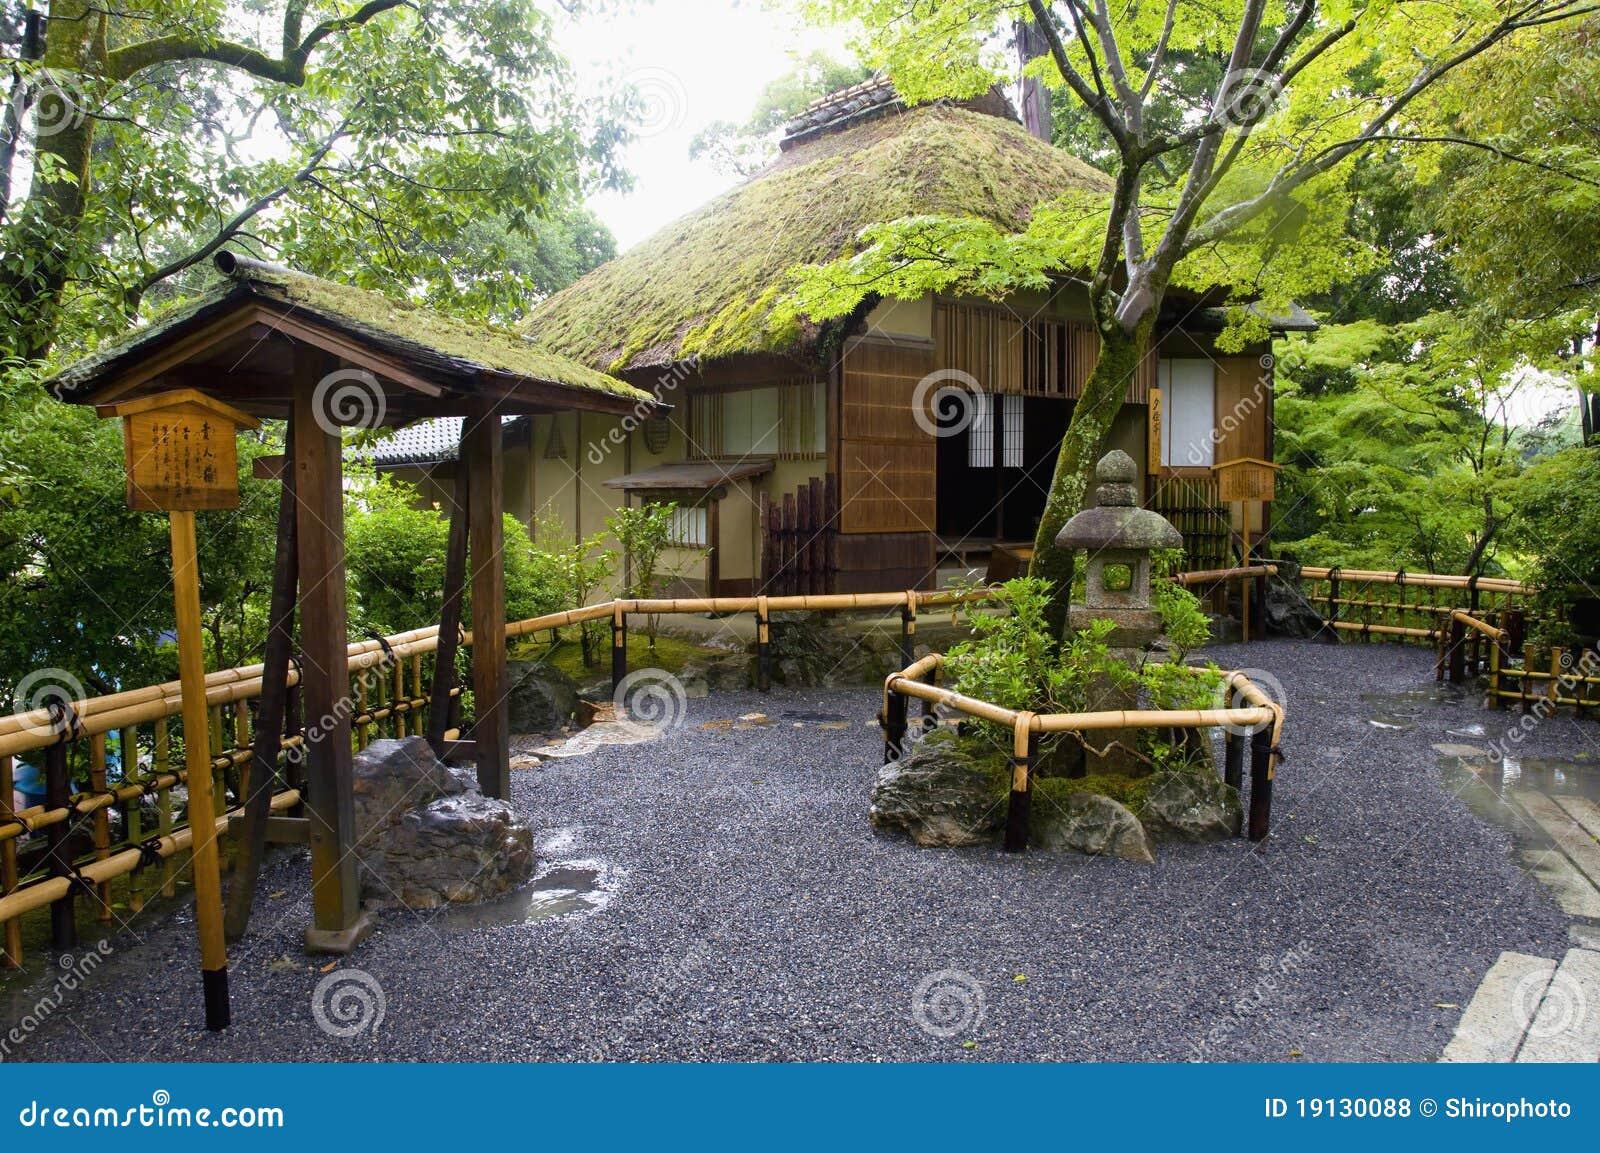 maison japonaise photo stock image du jardinage beaut 19130088. Black Bedroom Furniture Sets. Home Design Ideas